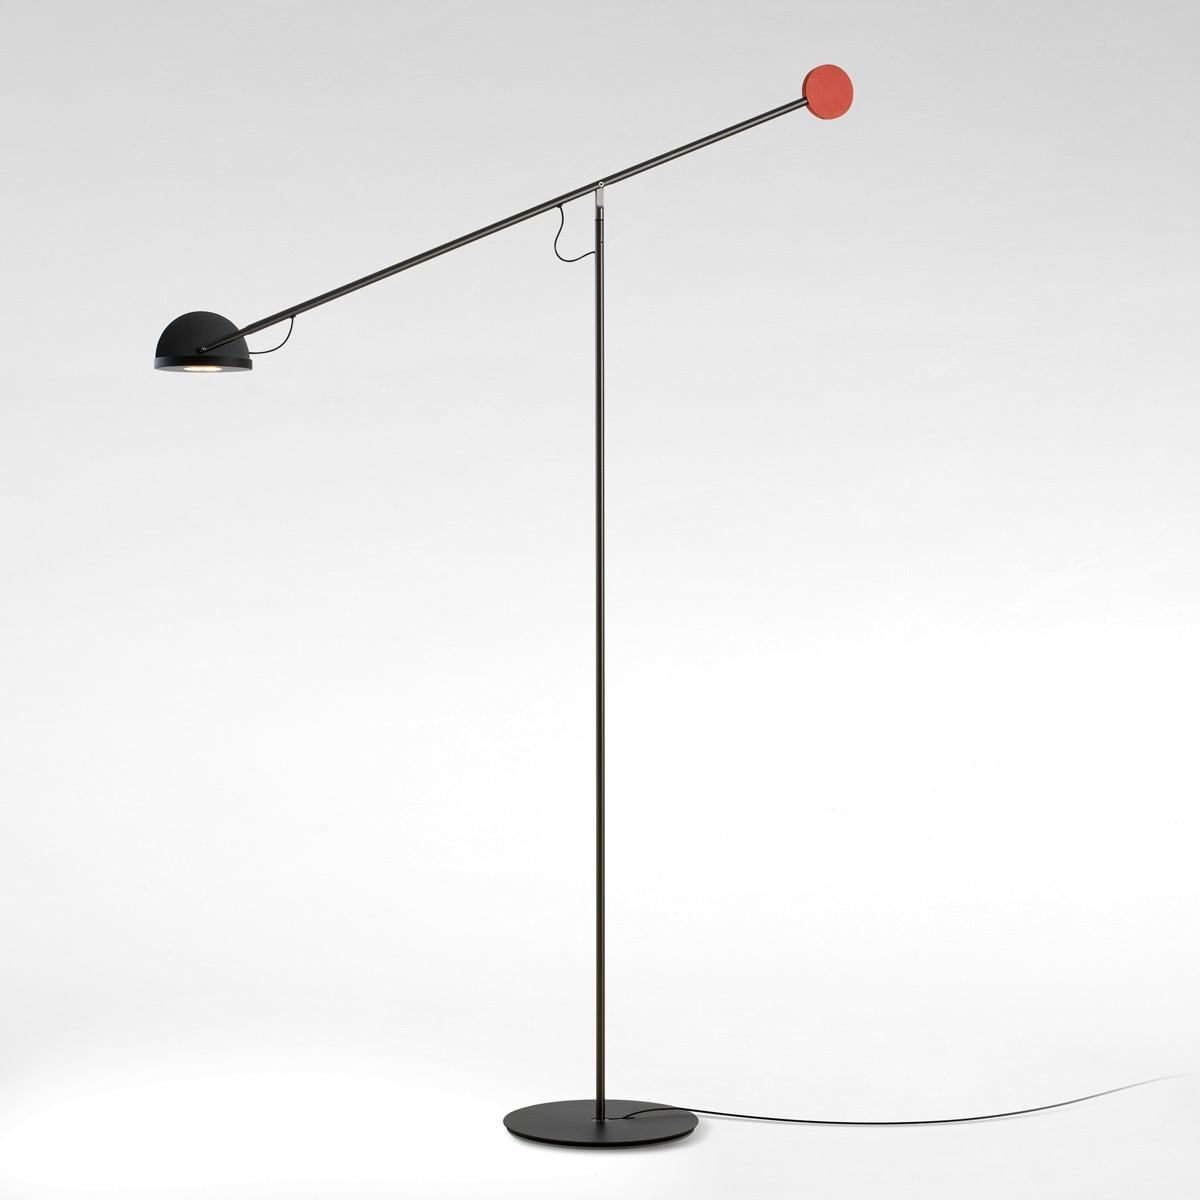 Marset Copérnica P LED Stehleuchte, graphit, Kopf: schwarz, Gegengewicht: golden